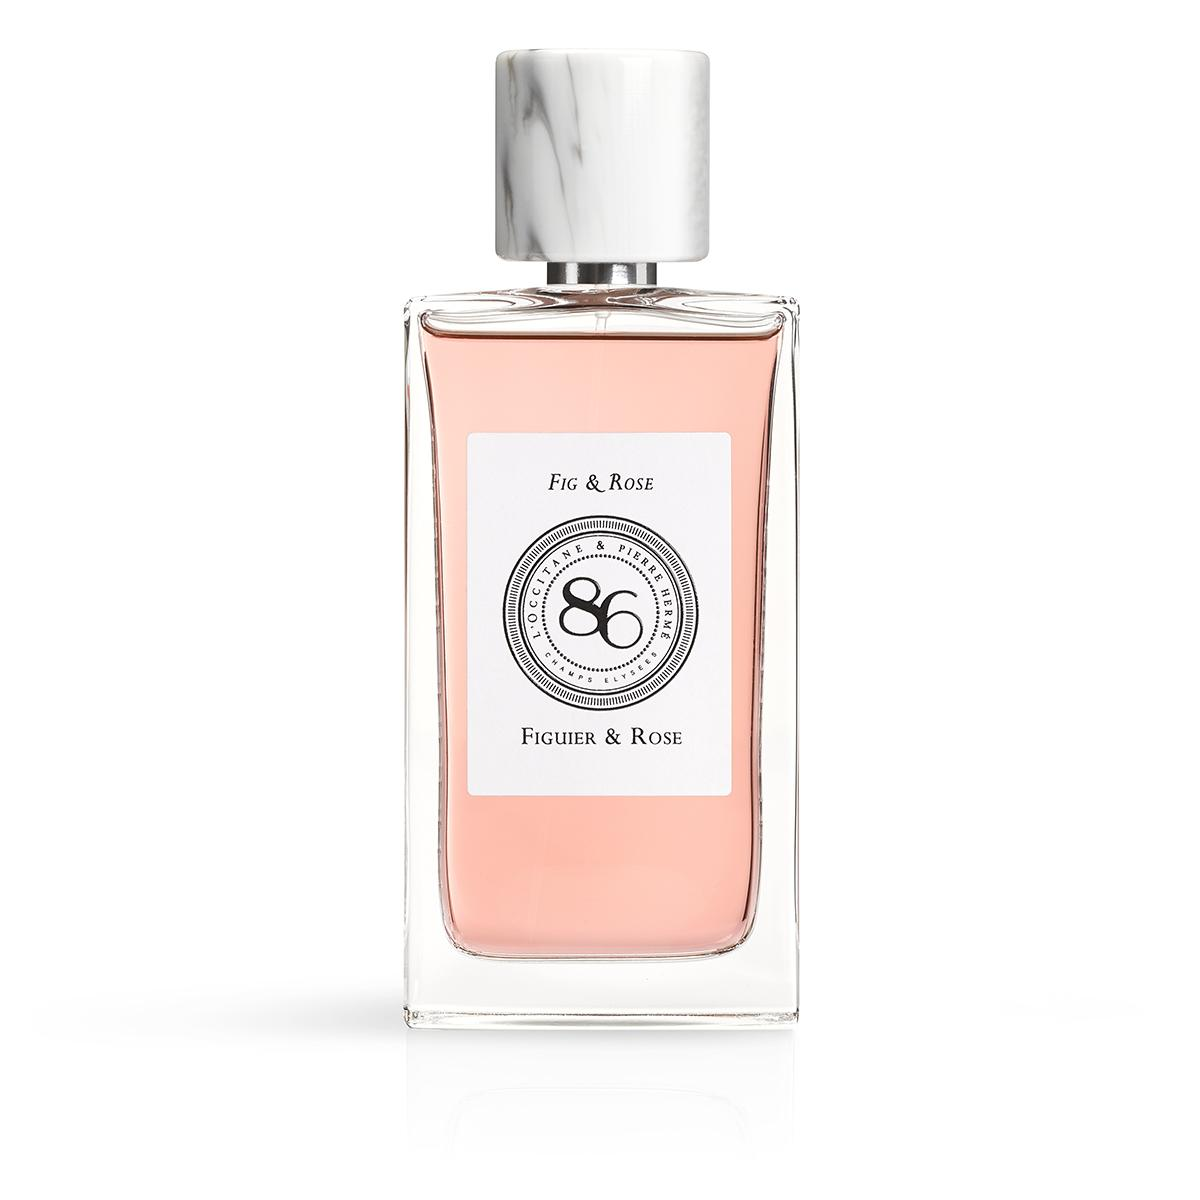 Et De L'expérience Parfumée Unique Pierre Hermé L'occitane kXOPZwiuT